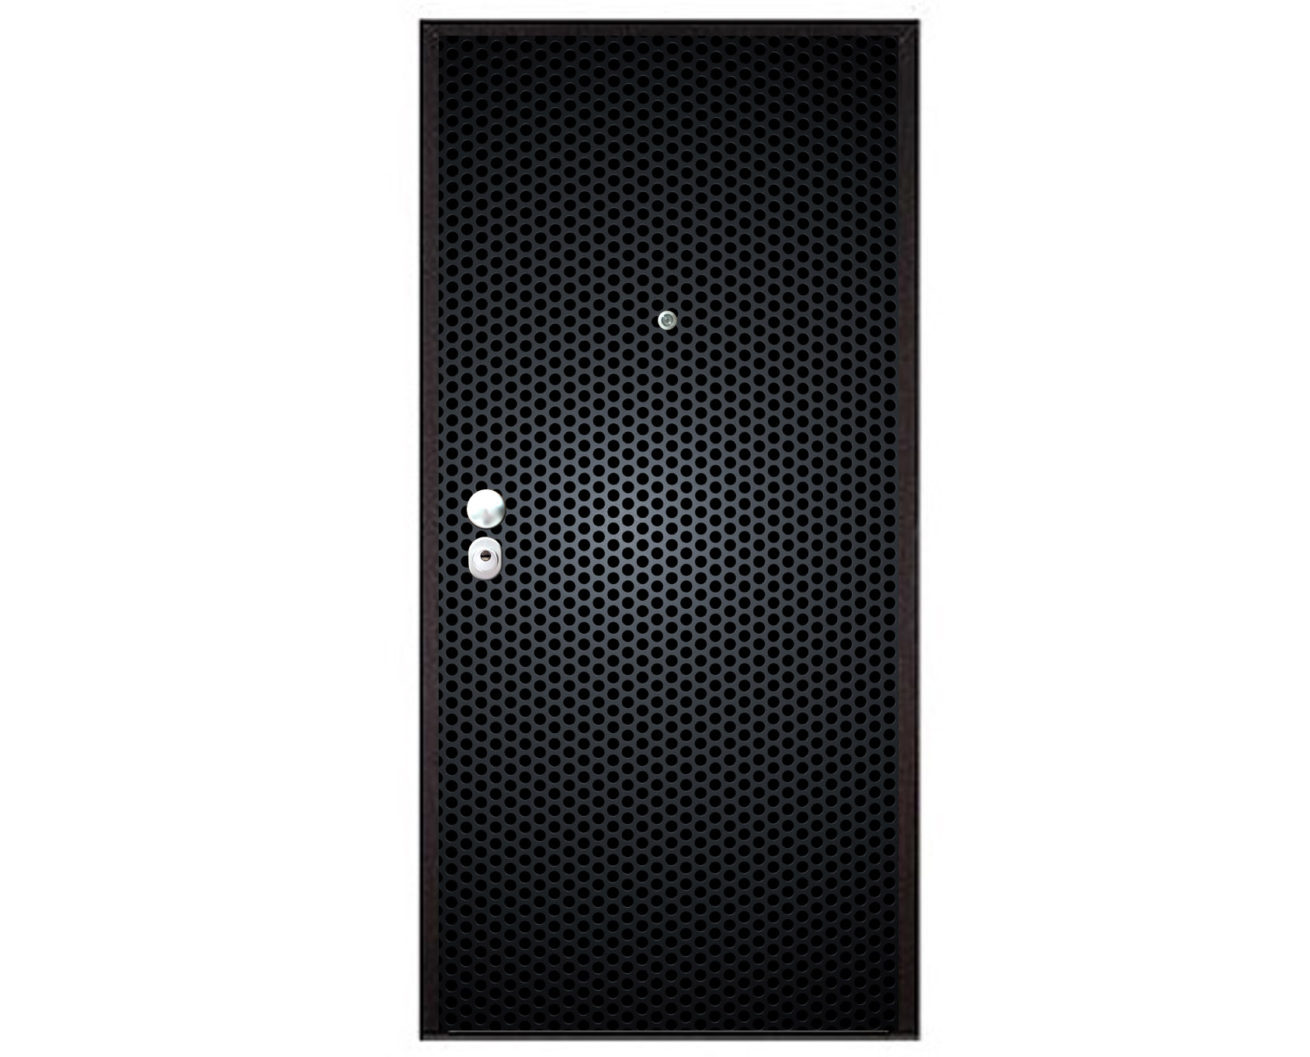 Protuprovalna vrata industrijski dizajn HLM-MS-14